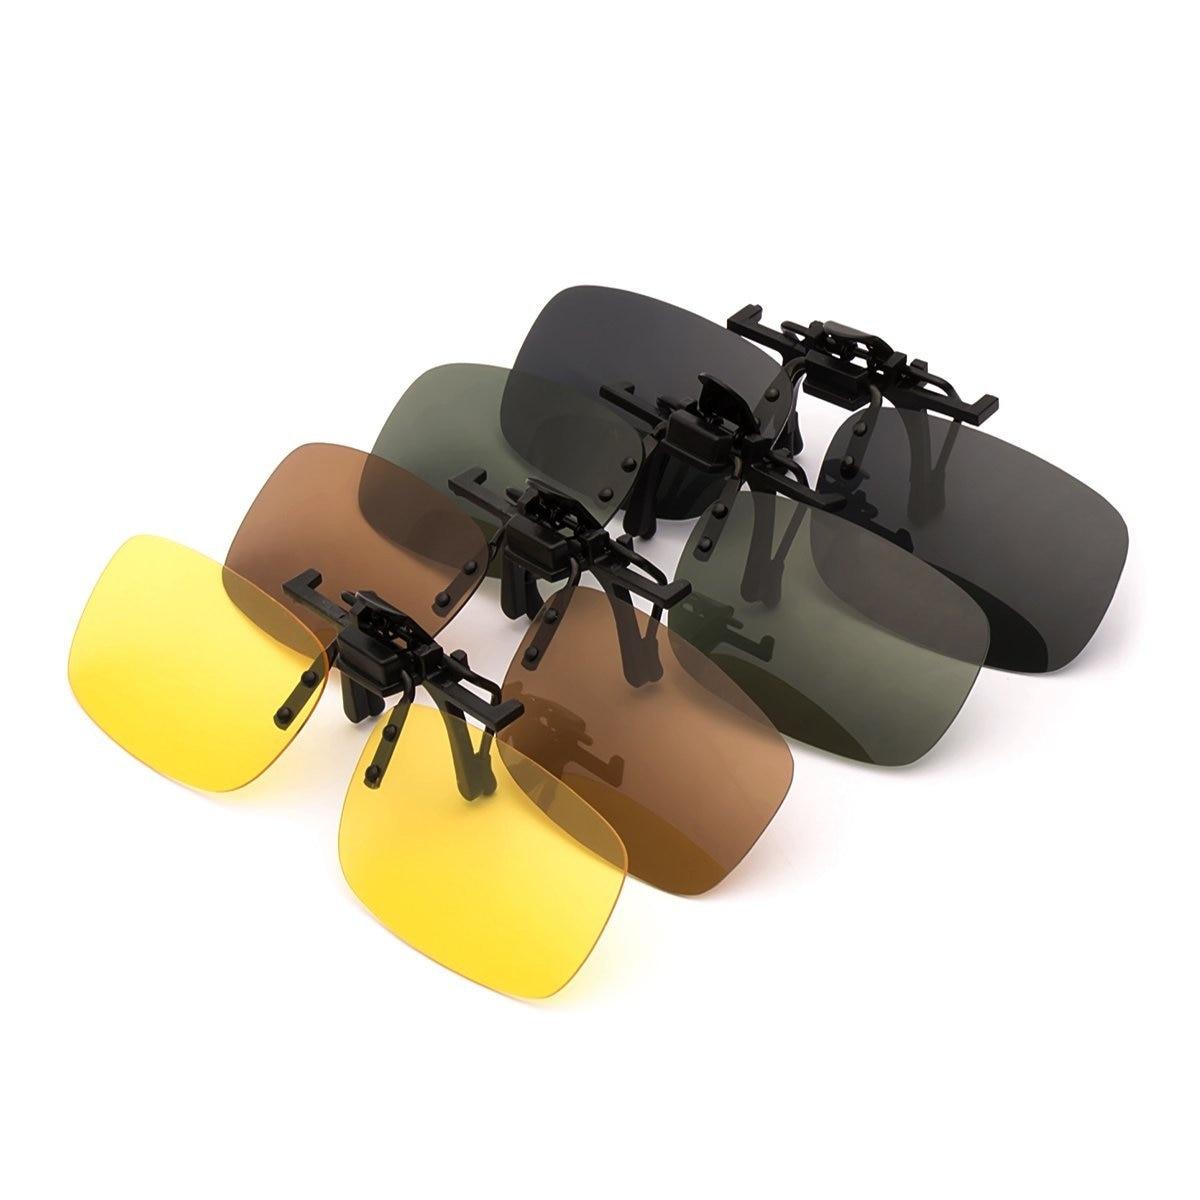 4-pacote polarizado clip-on lentes de óculos de sol de plástico ao ar livre andando dirigindo pesca ciclismo visão noturna amarelo cinza marrom verde